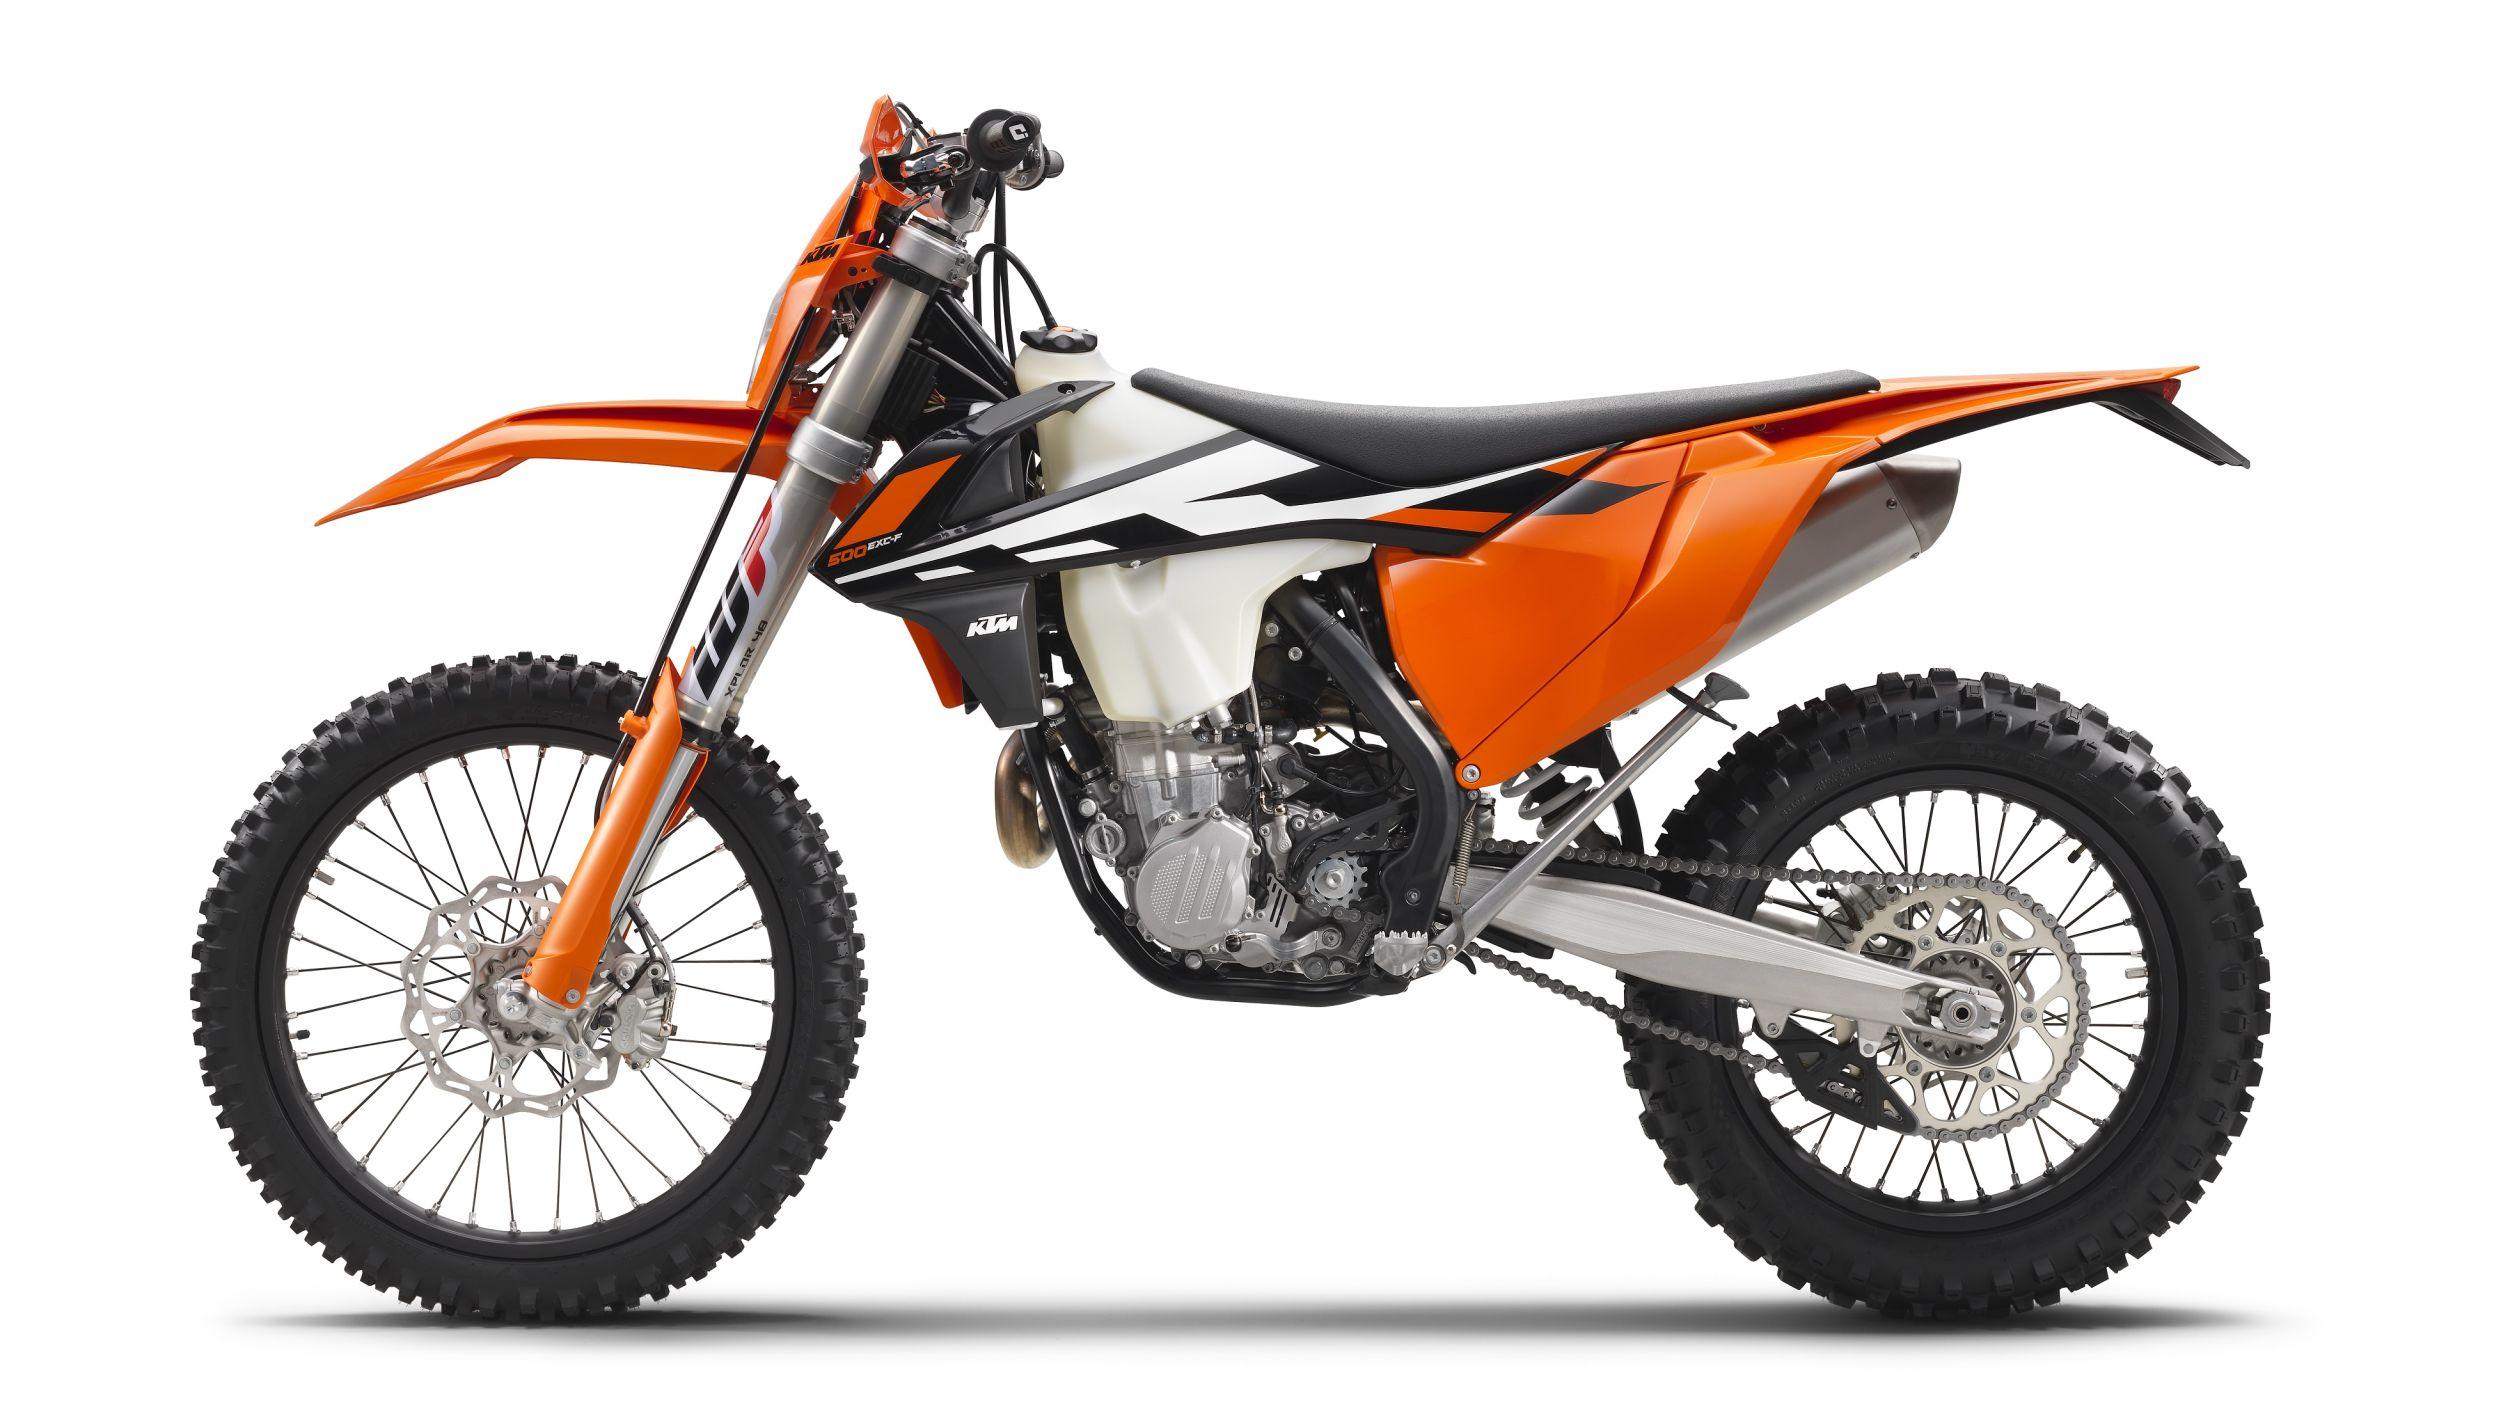 Ktm Freeride E Sm >> Gebrauchte KTM 500 EXC-F Motorräder kaufen